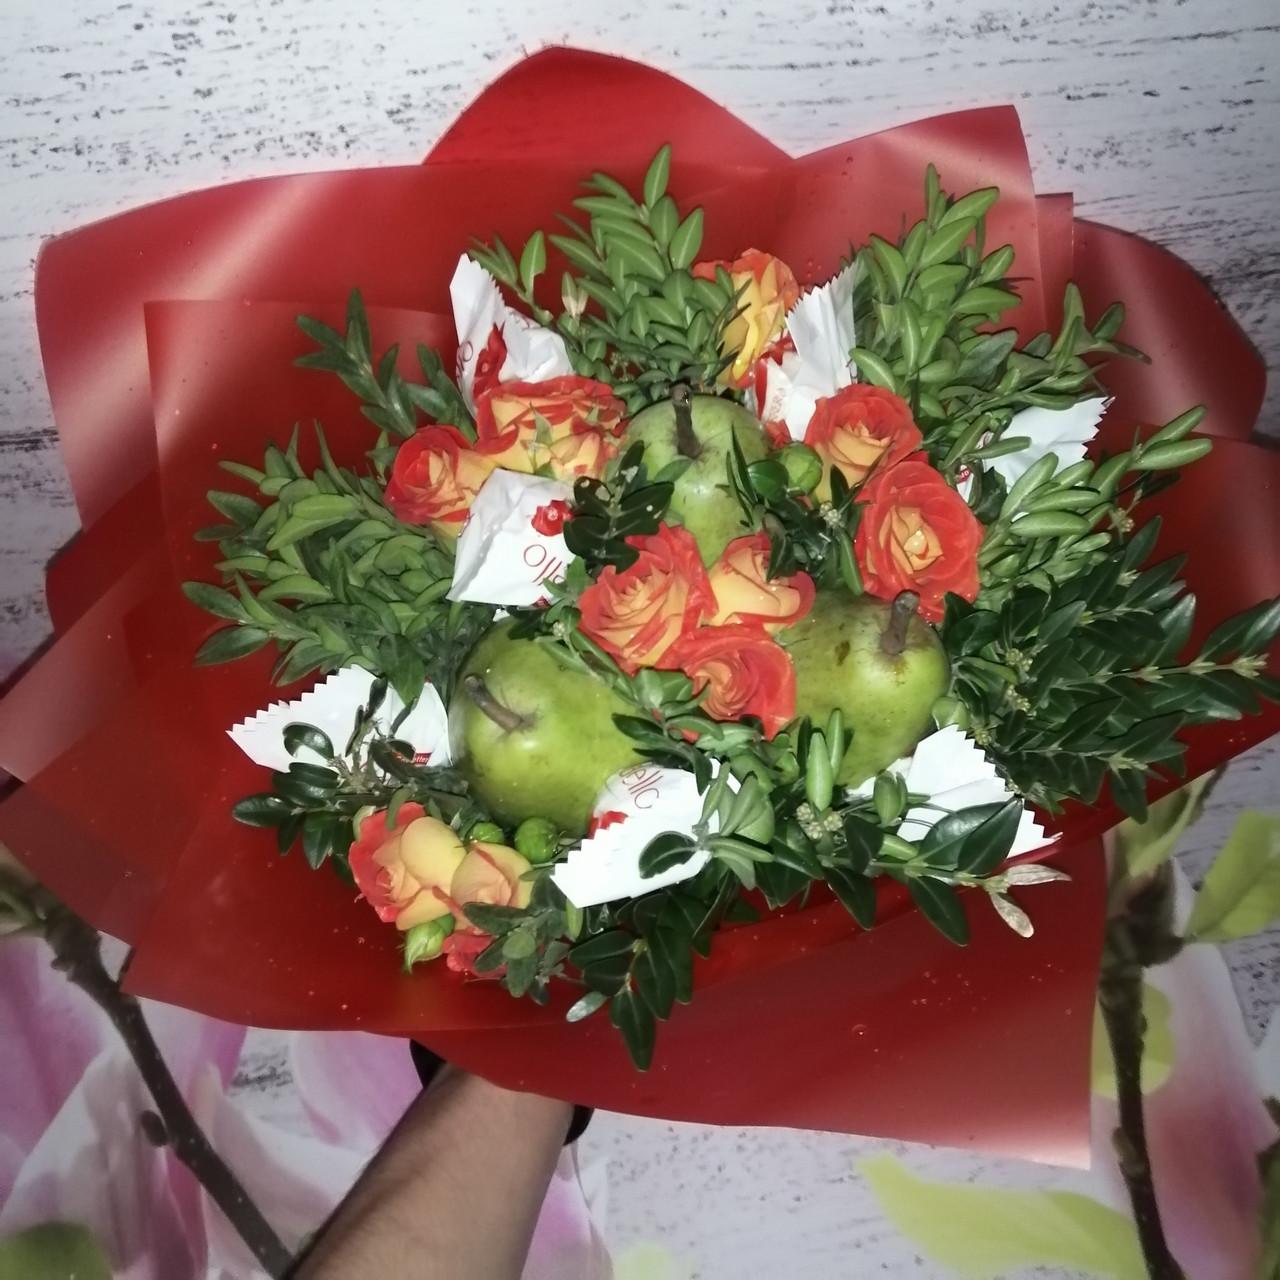 Цветочно- фруктовий букет подарунковий вітальний для жінки Марінет